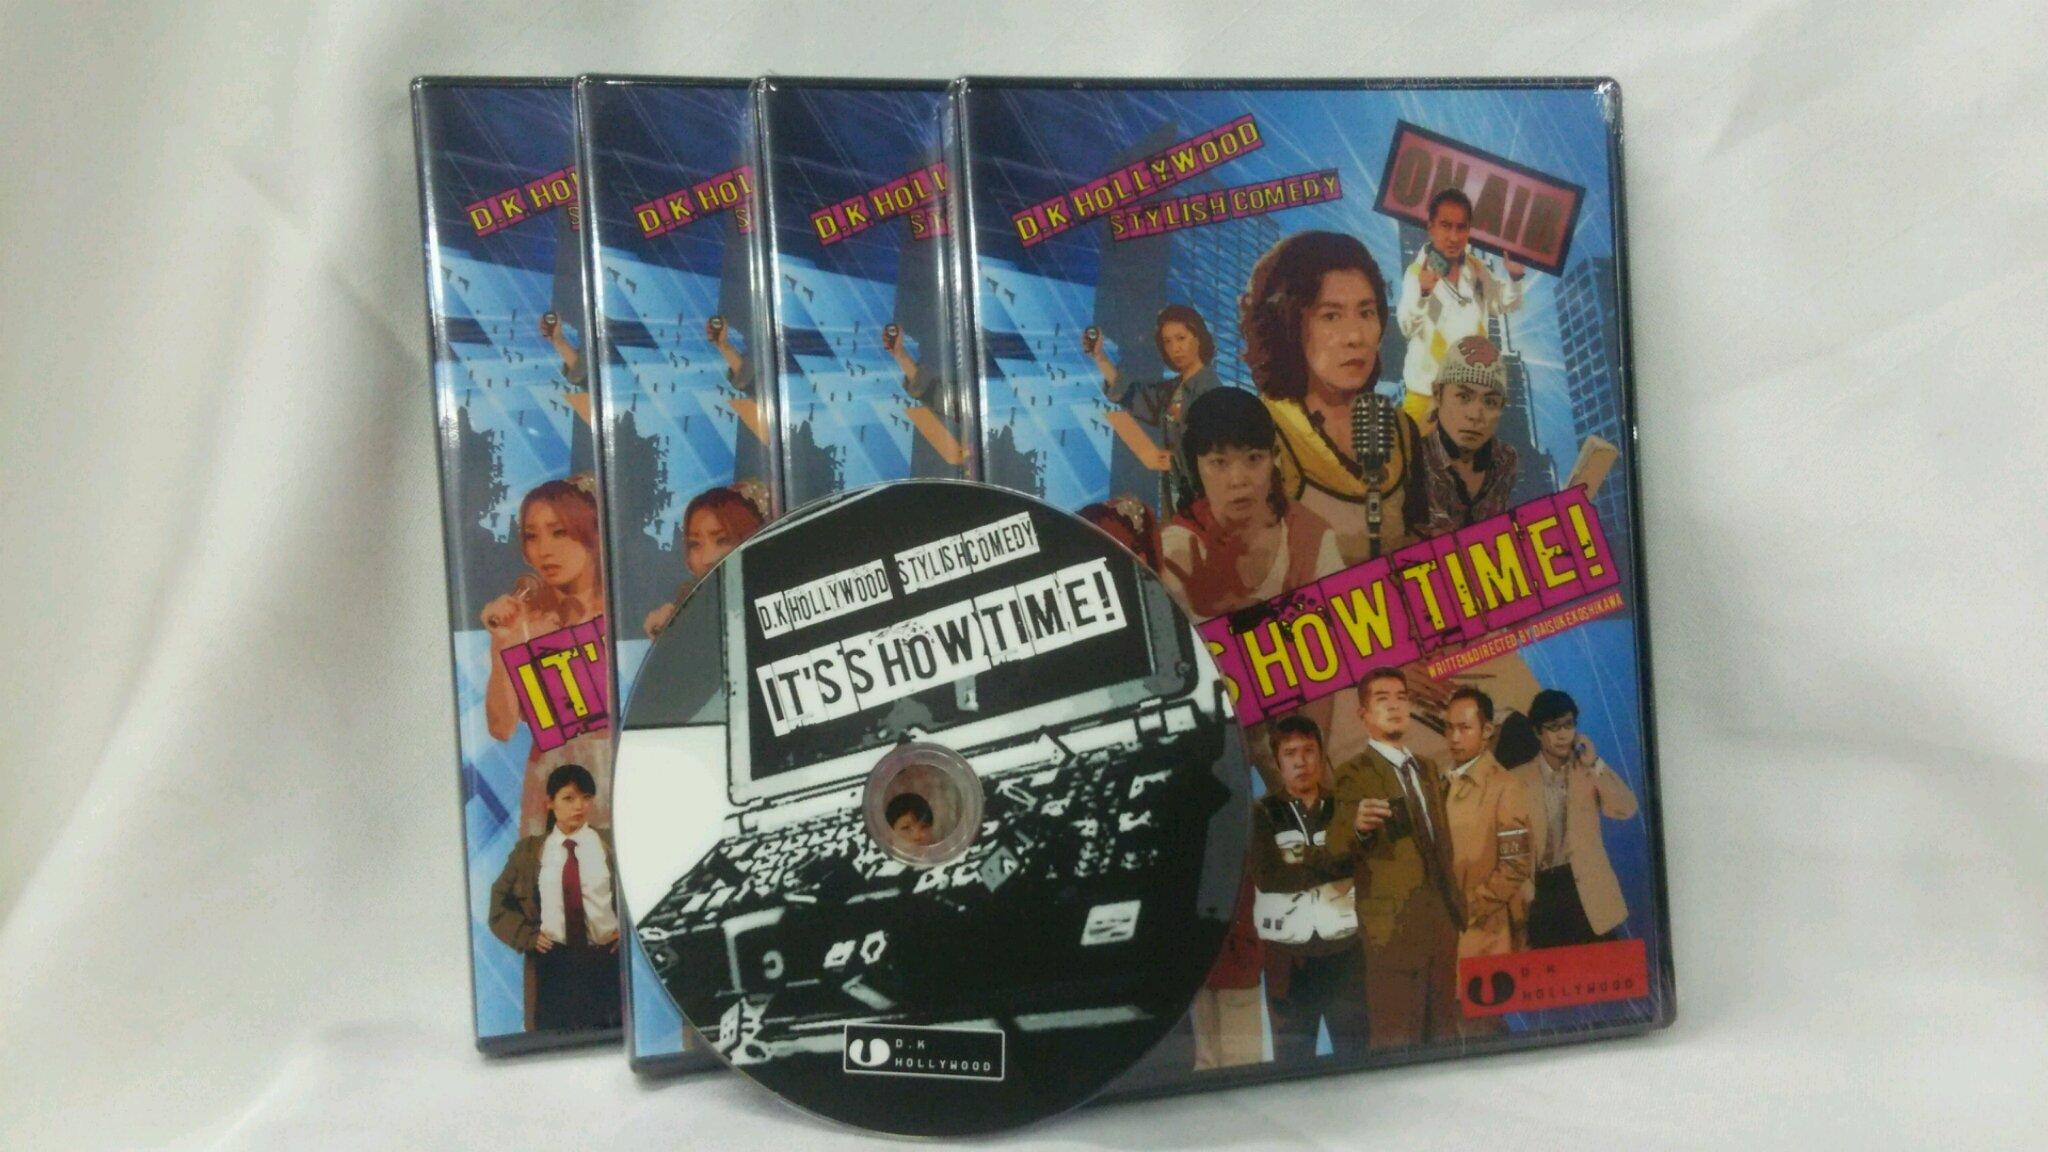 劇場を離れ、韓流の聖地新大久保でD.K HOLLYWOODが史上空前の難事件に挑む!